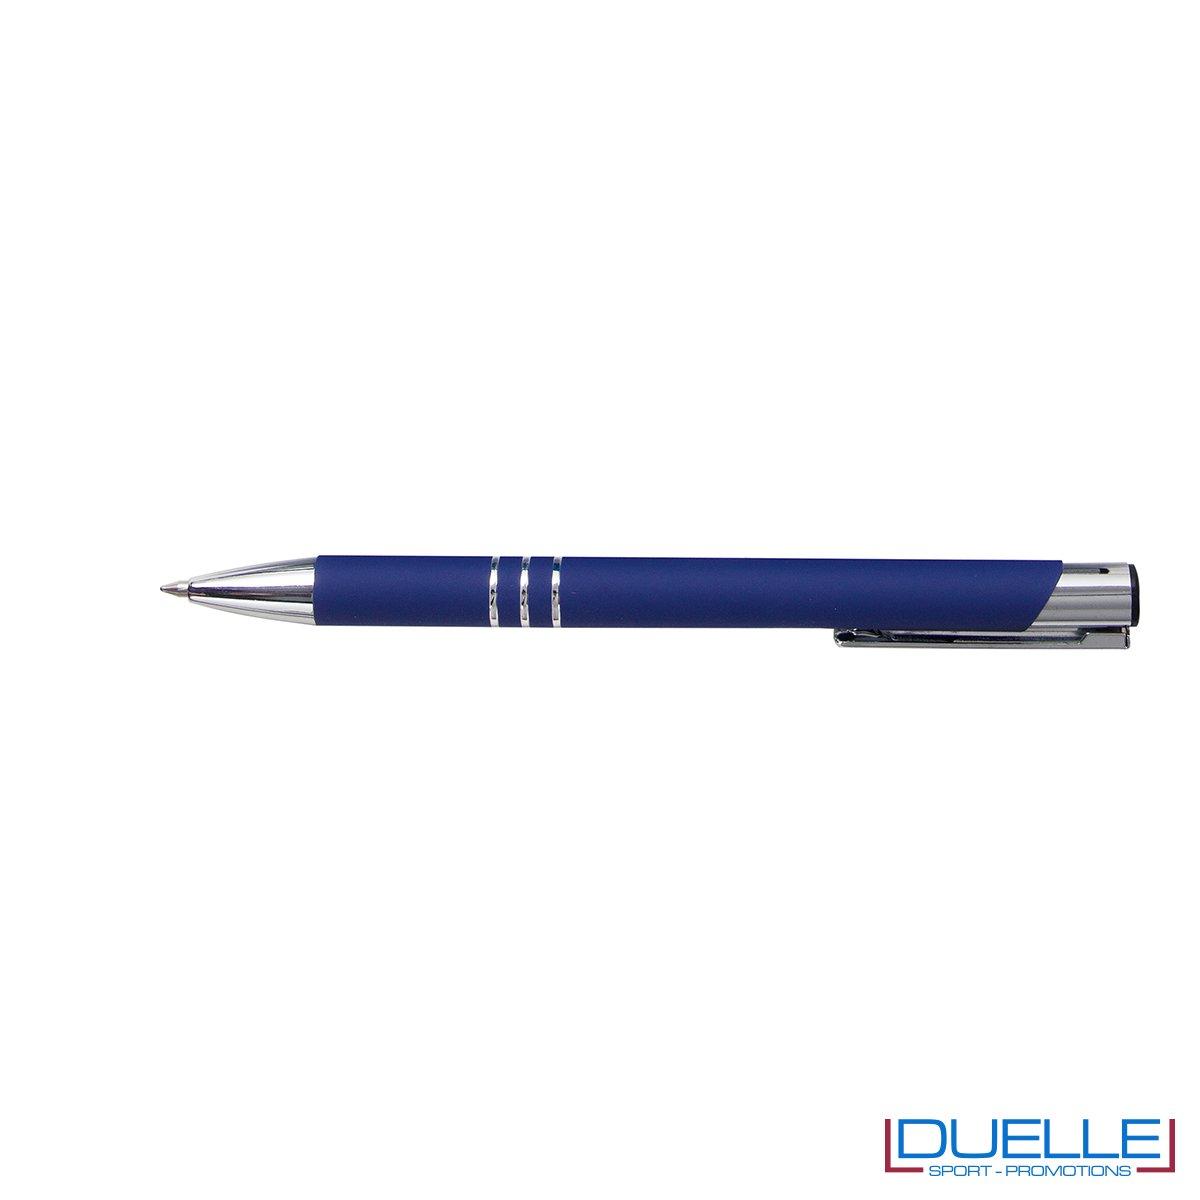 penna personalizzabile in metallo con finitura soft touch blu, penne personalizzate promozionali soft touch blu